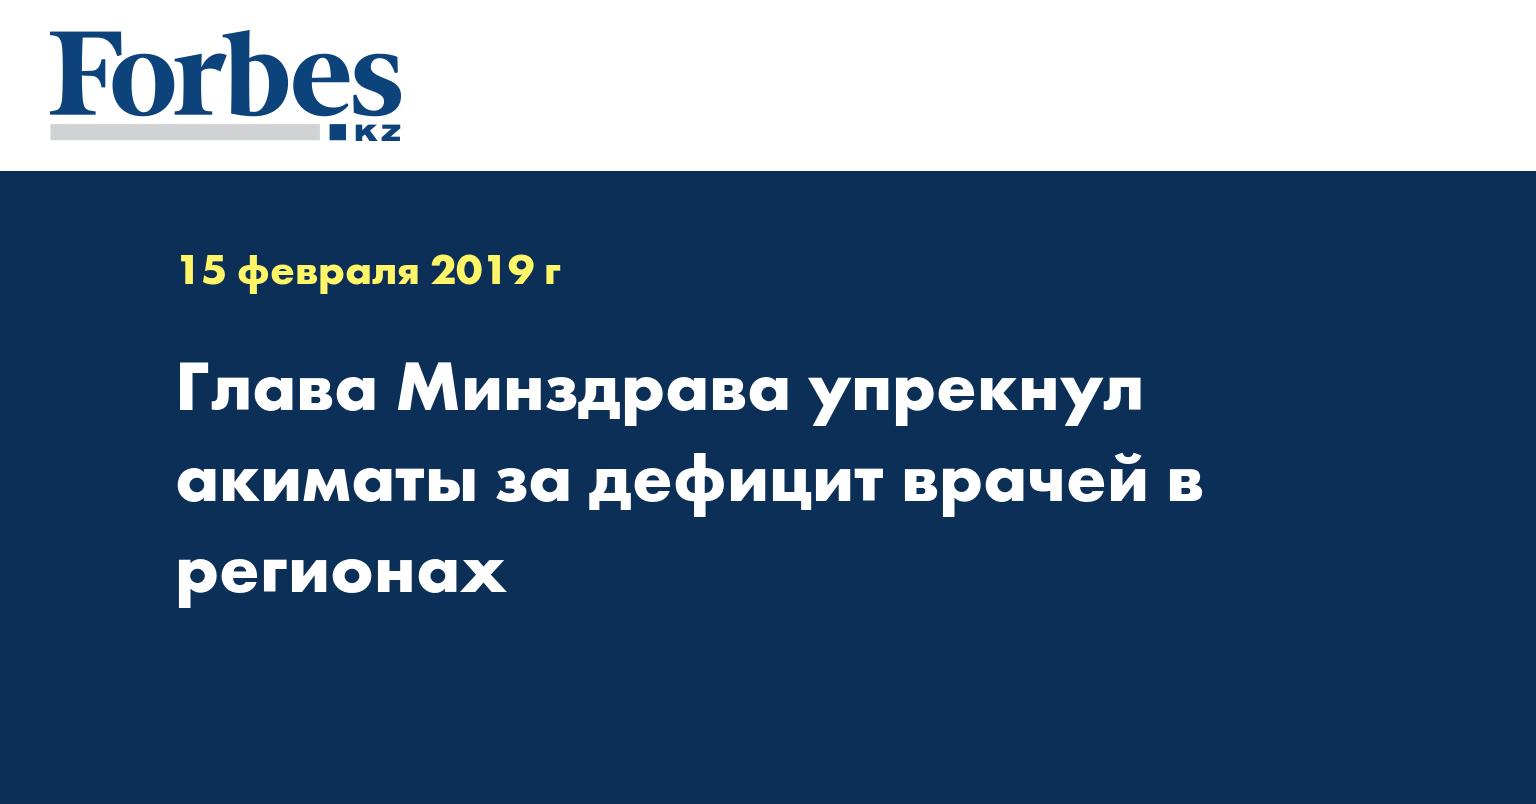 Глава Минздрава упрекнул акиматы за дефицит врачей в регионах